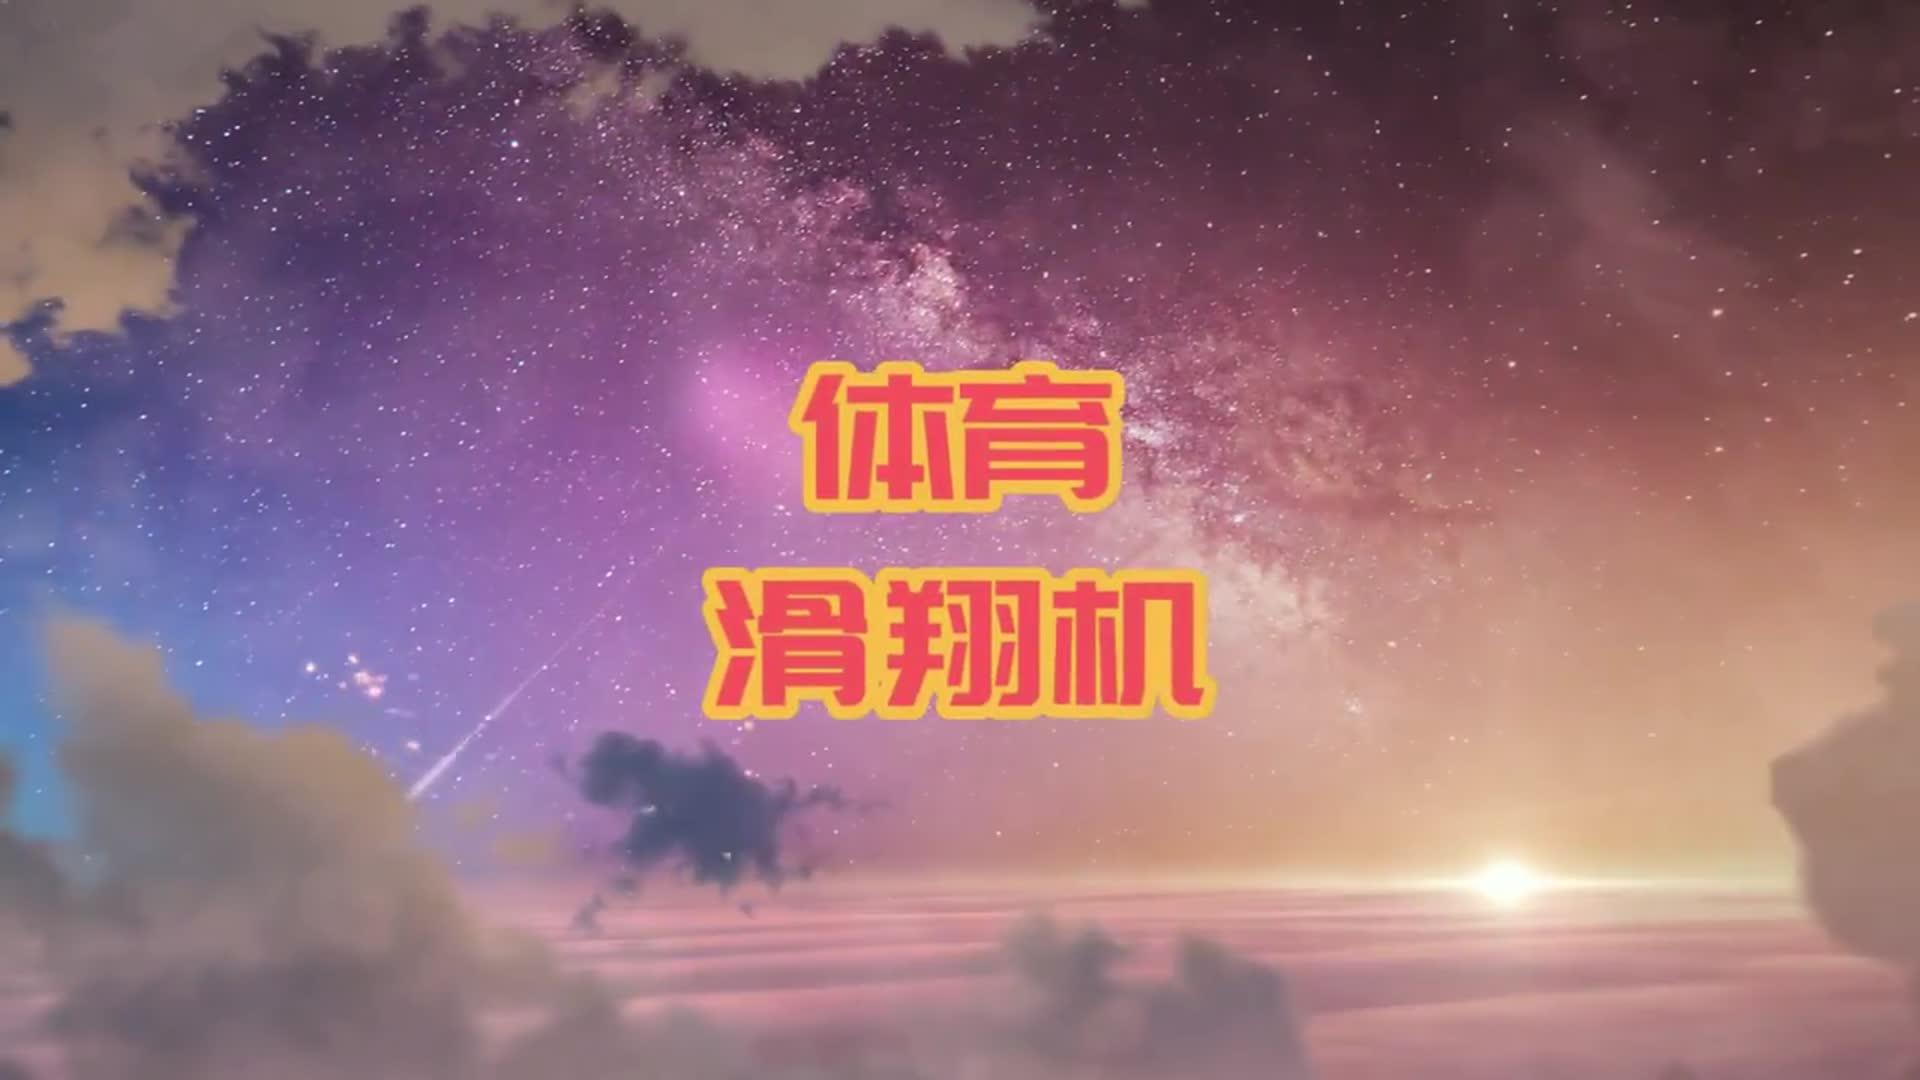 北控选中扣篮王李玮颢,曾是王少杰师弟